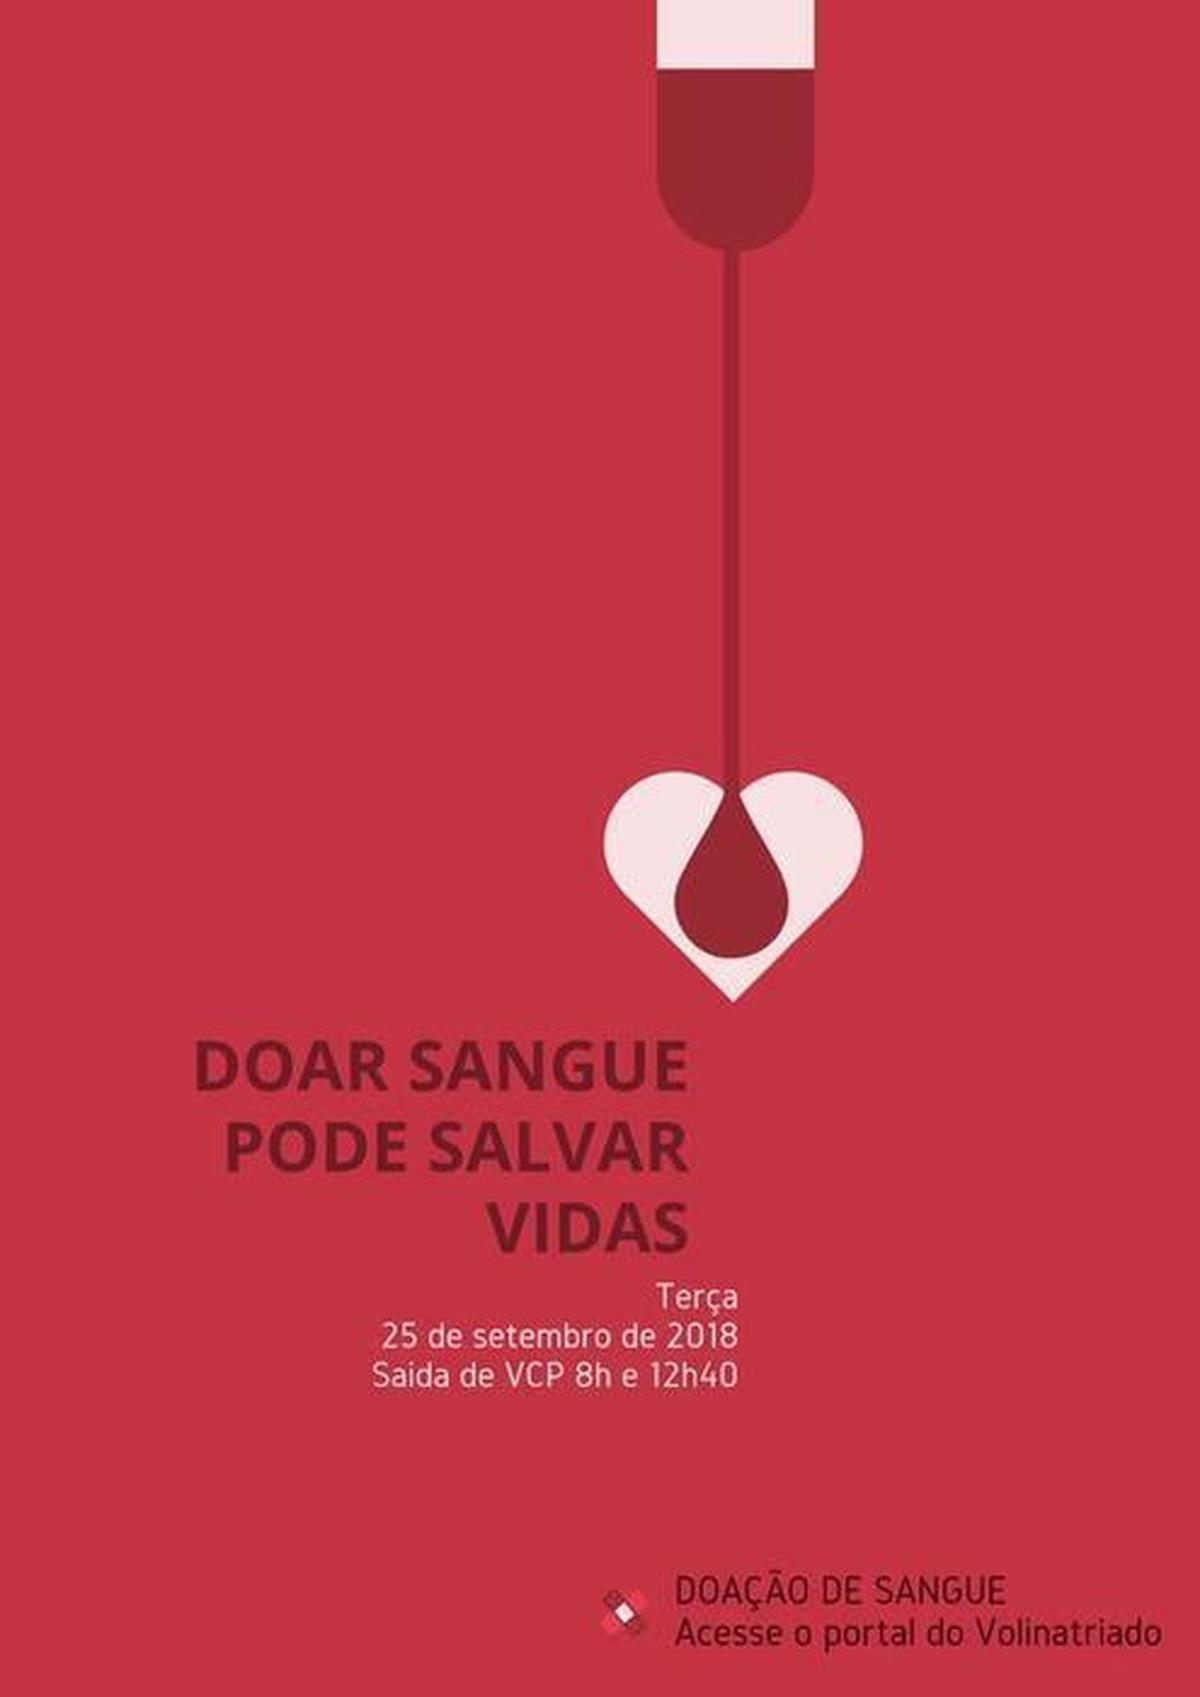 DOAR SANGUE PODE SALVAR VIDAS